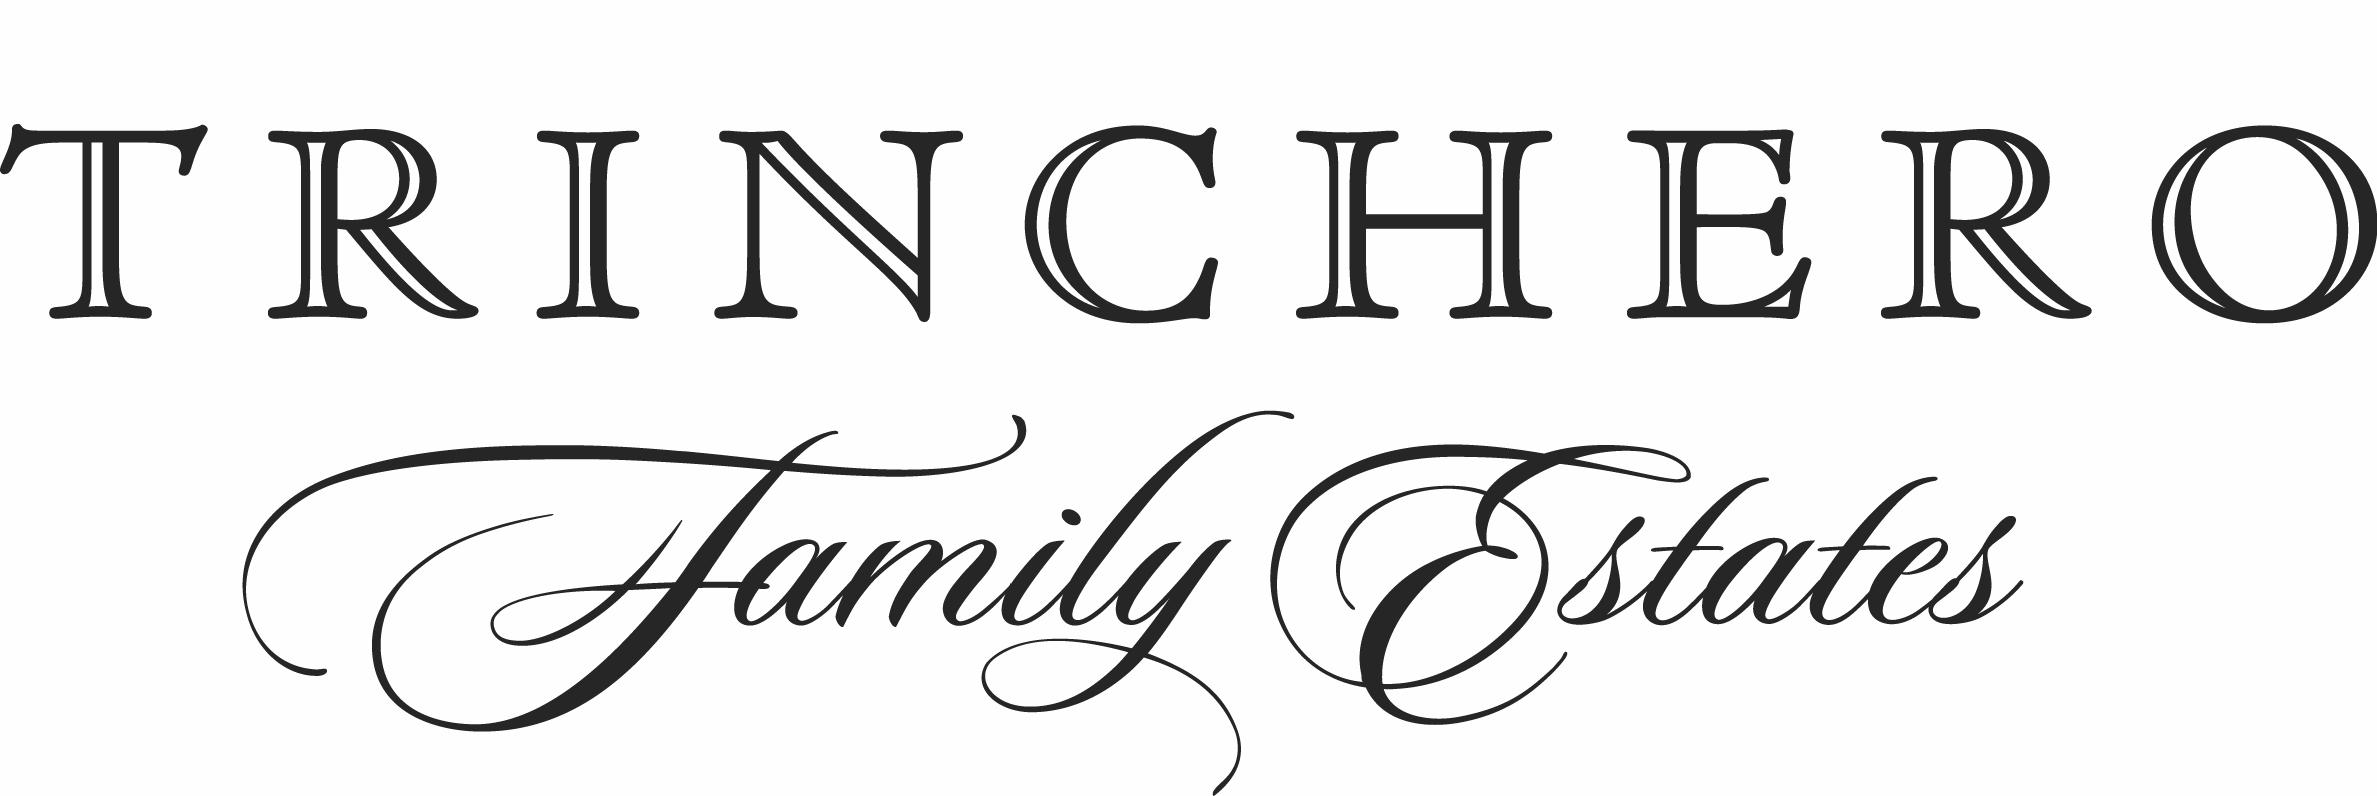 Trinchero-Family-Estates-High-Res-Logo copy